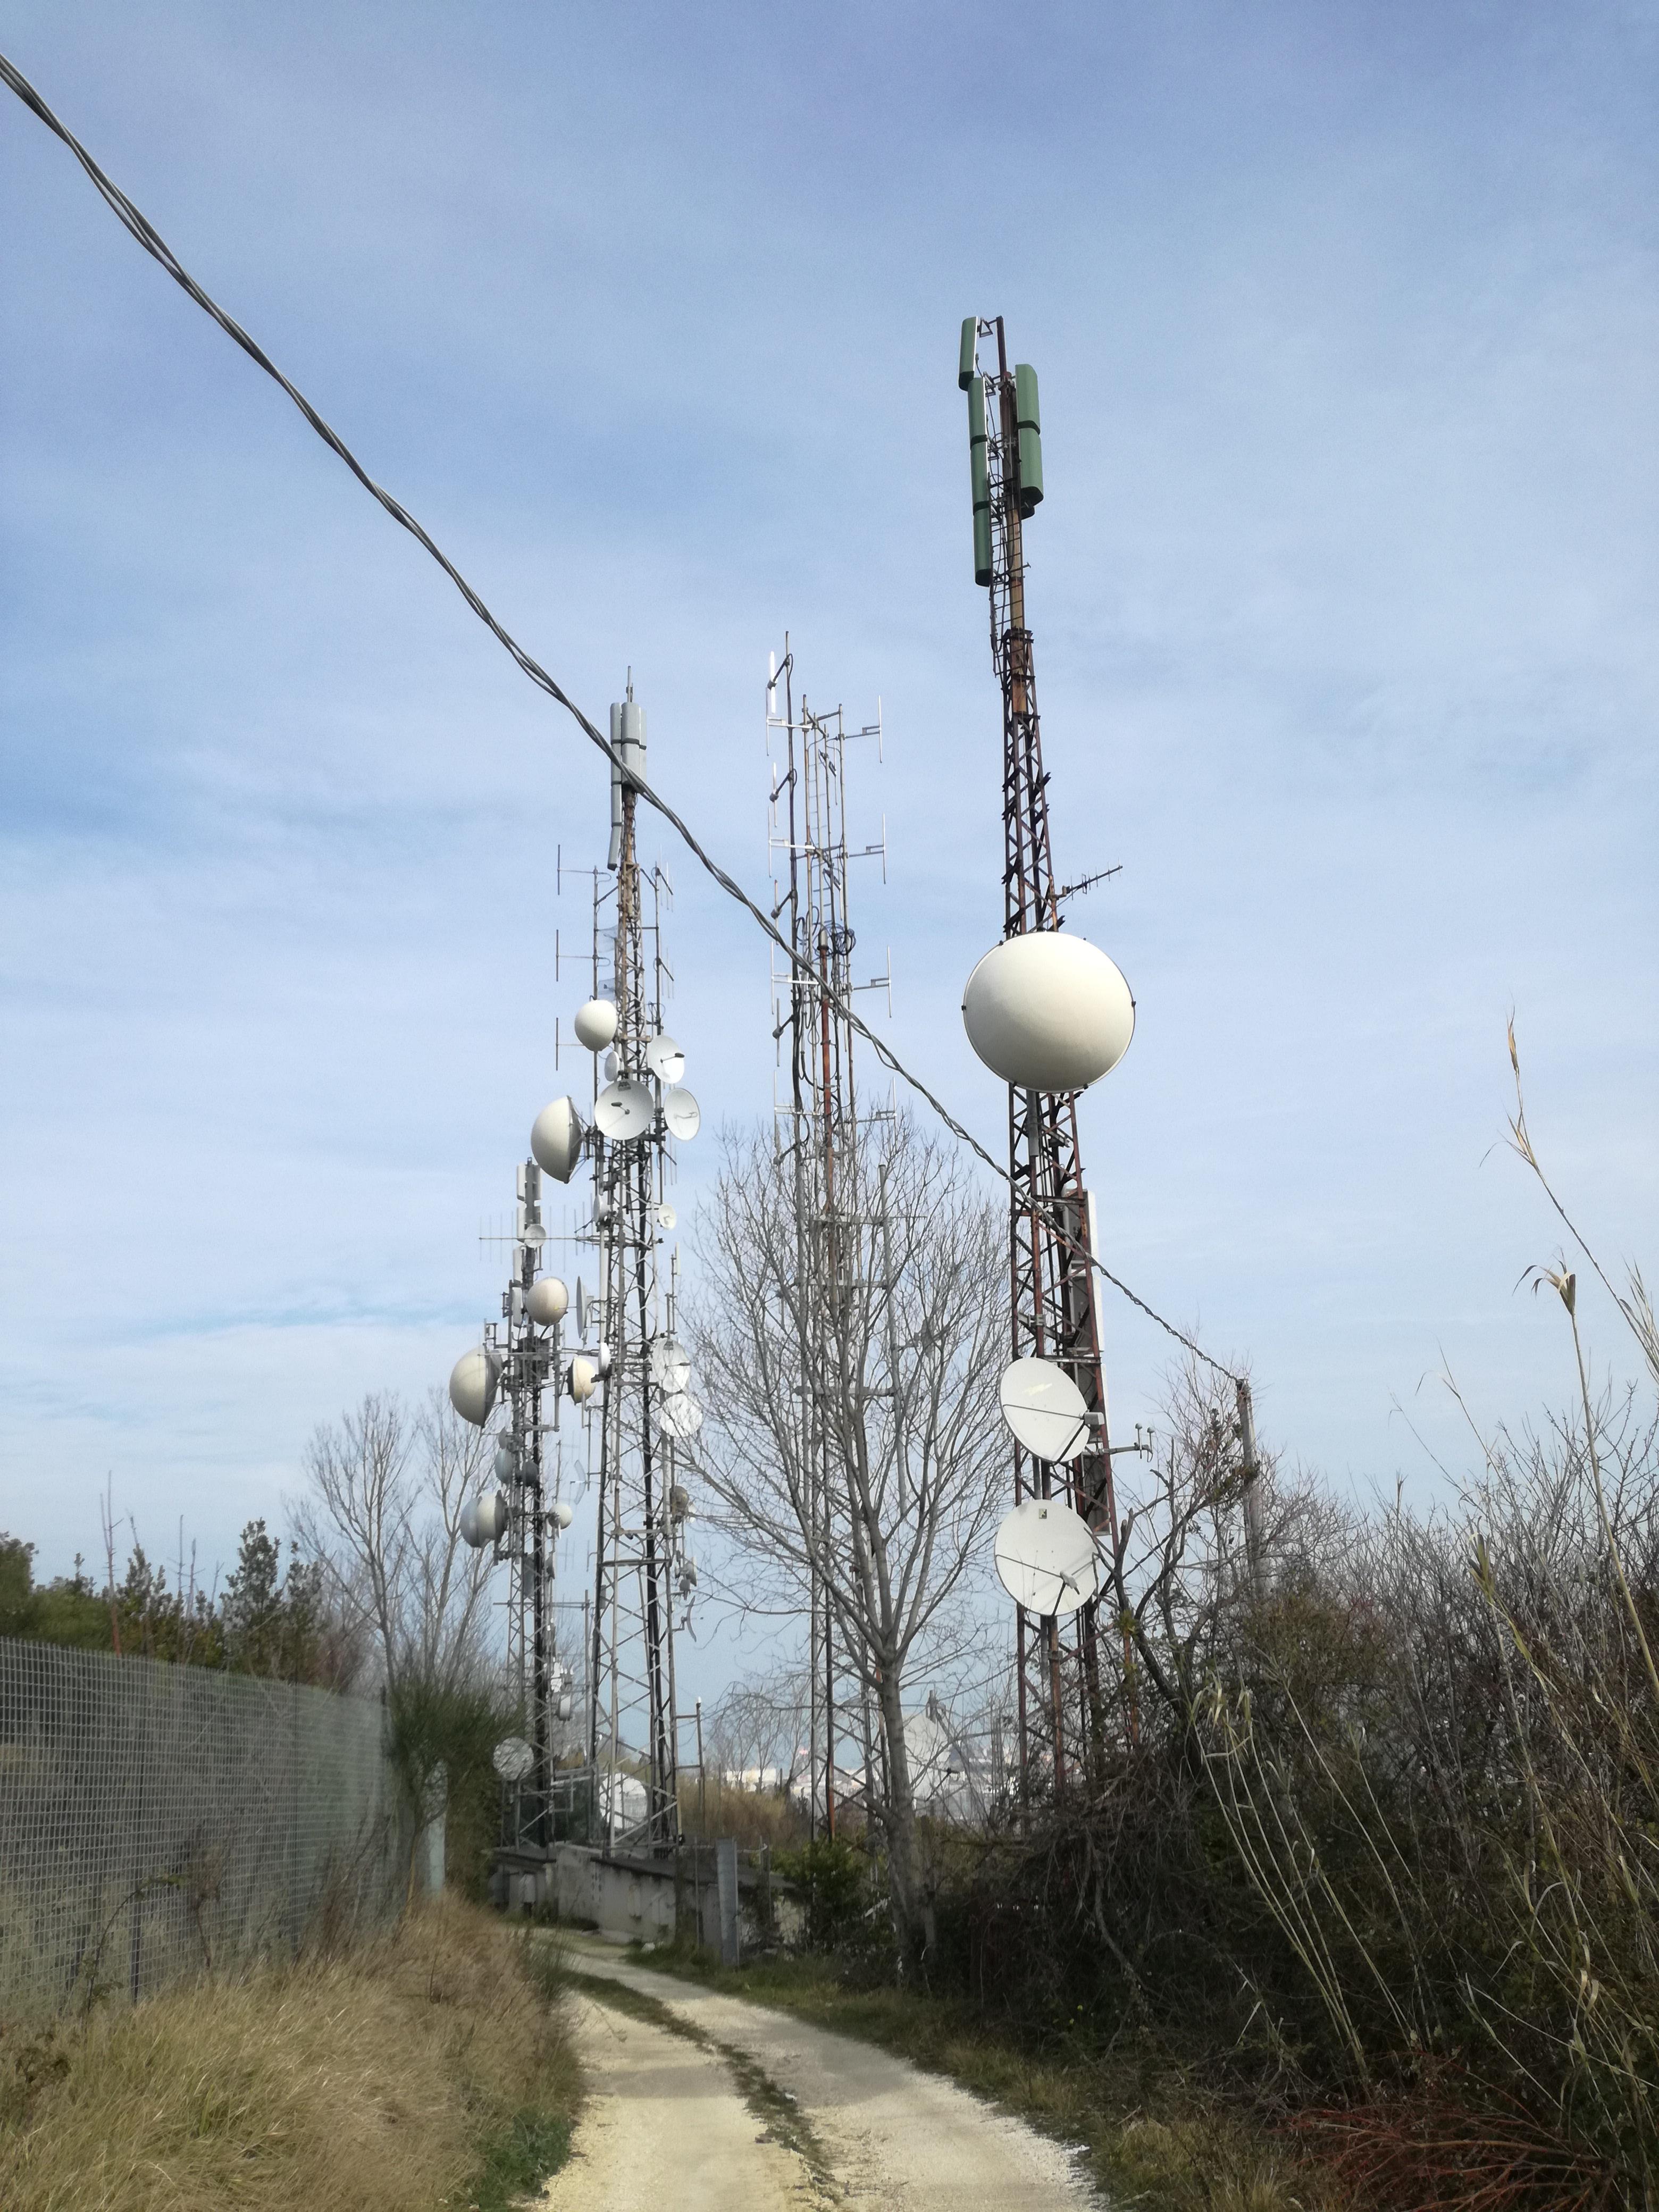 Italie - Antennes relais FM / TV (Ancône)